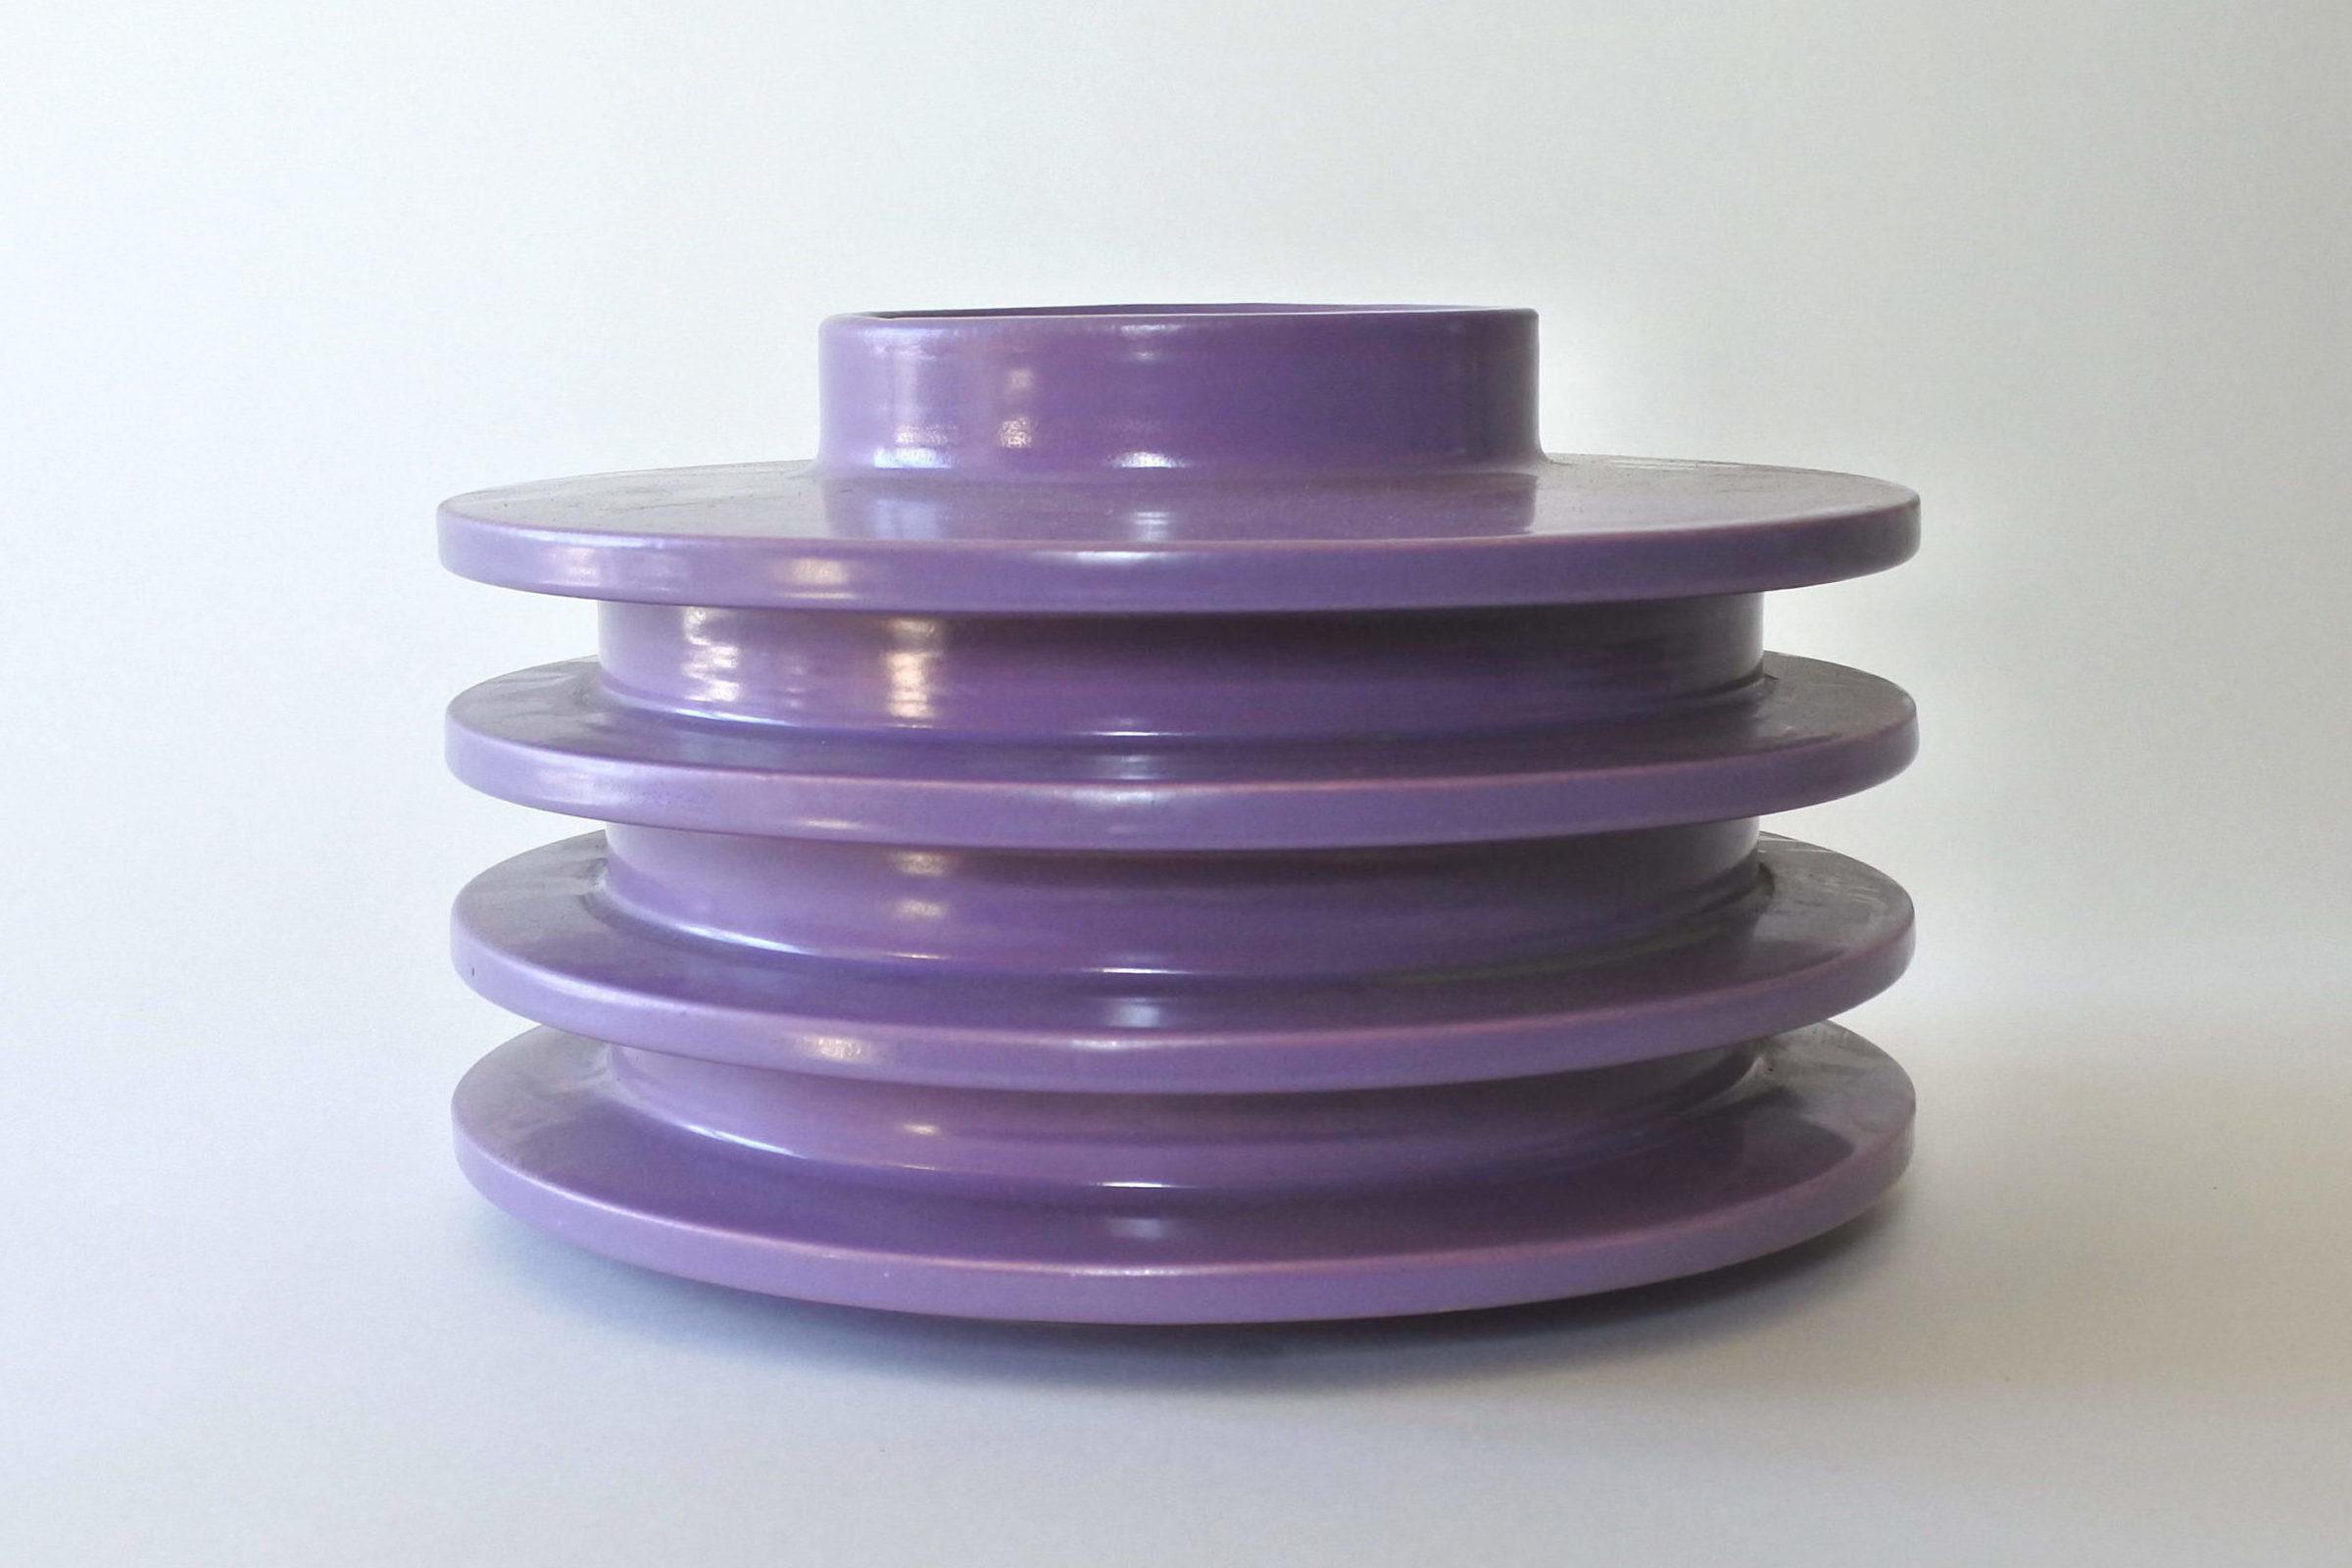 Vaso isolatore in ceramica viola - E. Sottsass per ceramiche Bitossi